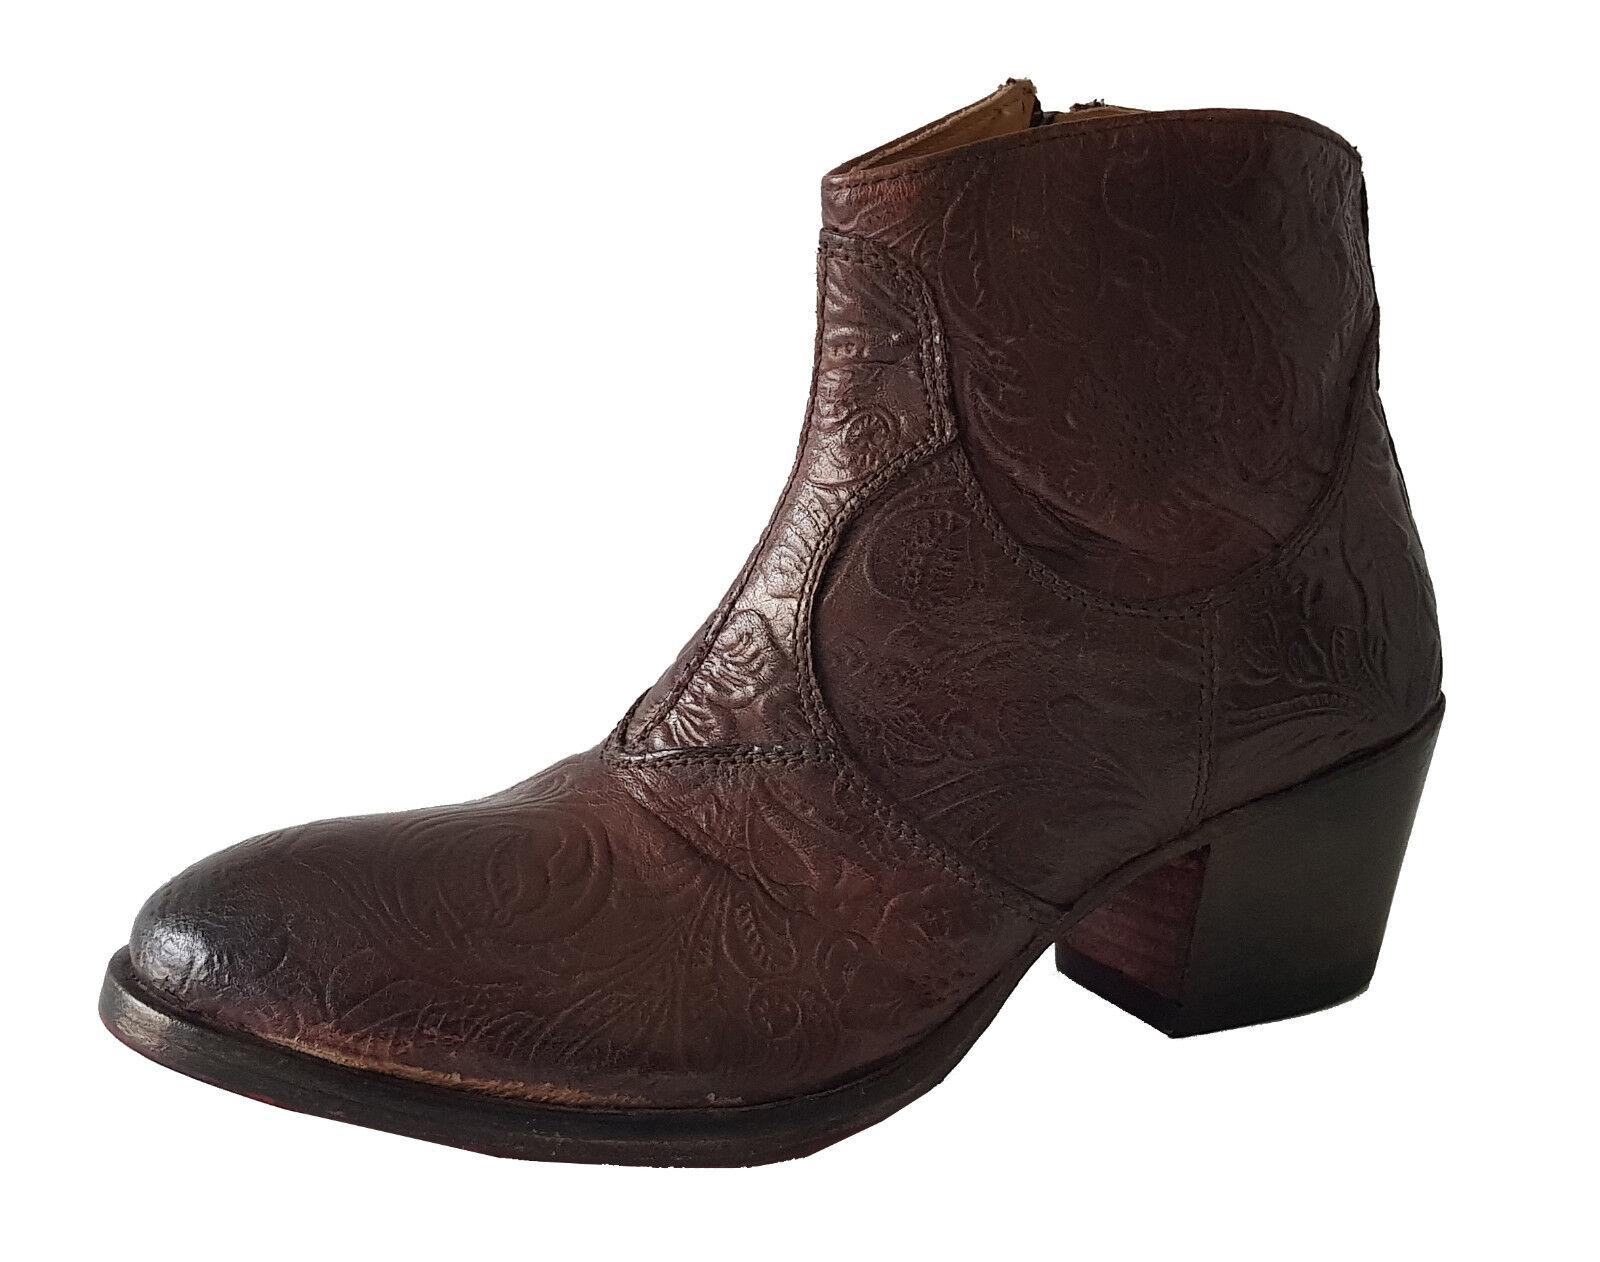 botas zapatos Stifletten Stifletten Stifletten somos reproducción gr. hecho a mano de Italia 37 nuevos  venta caliente